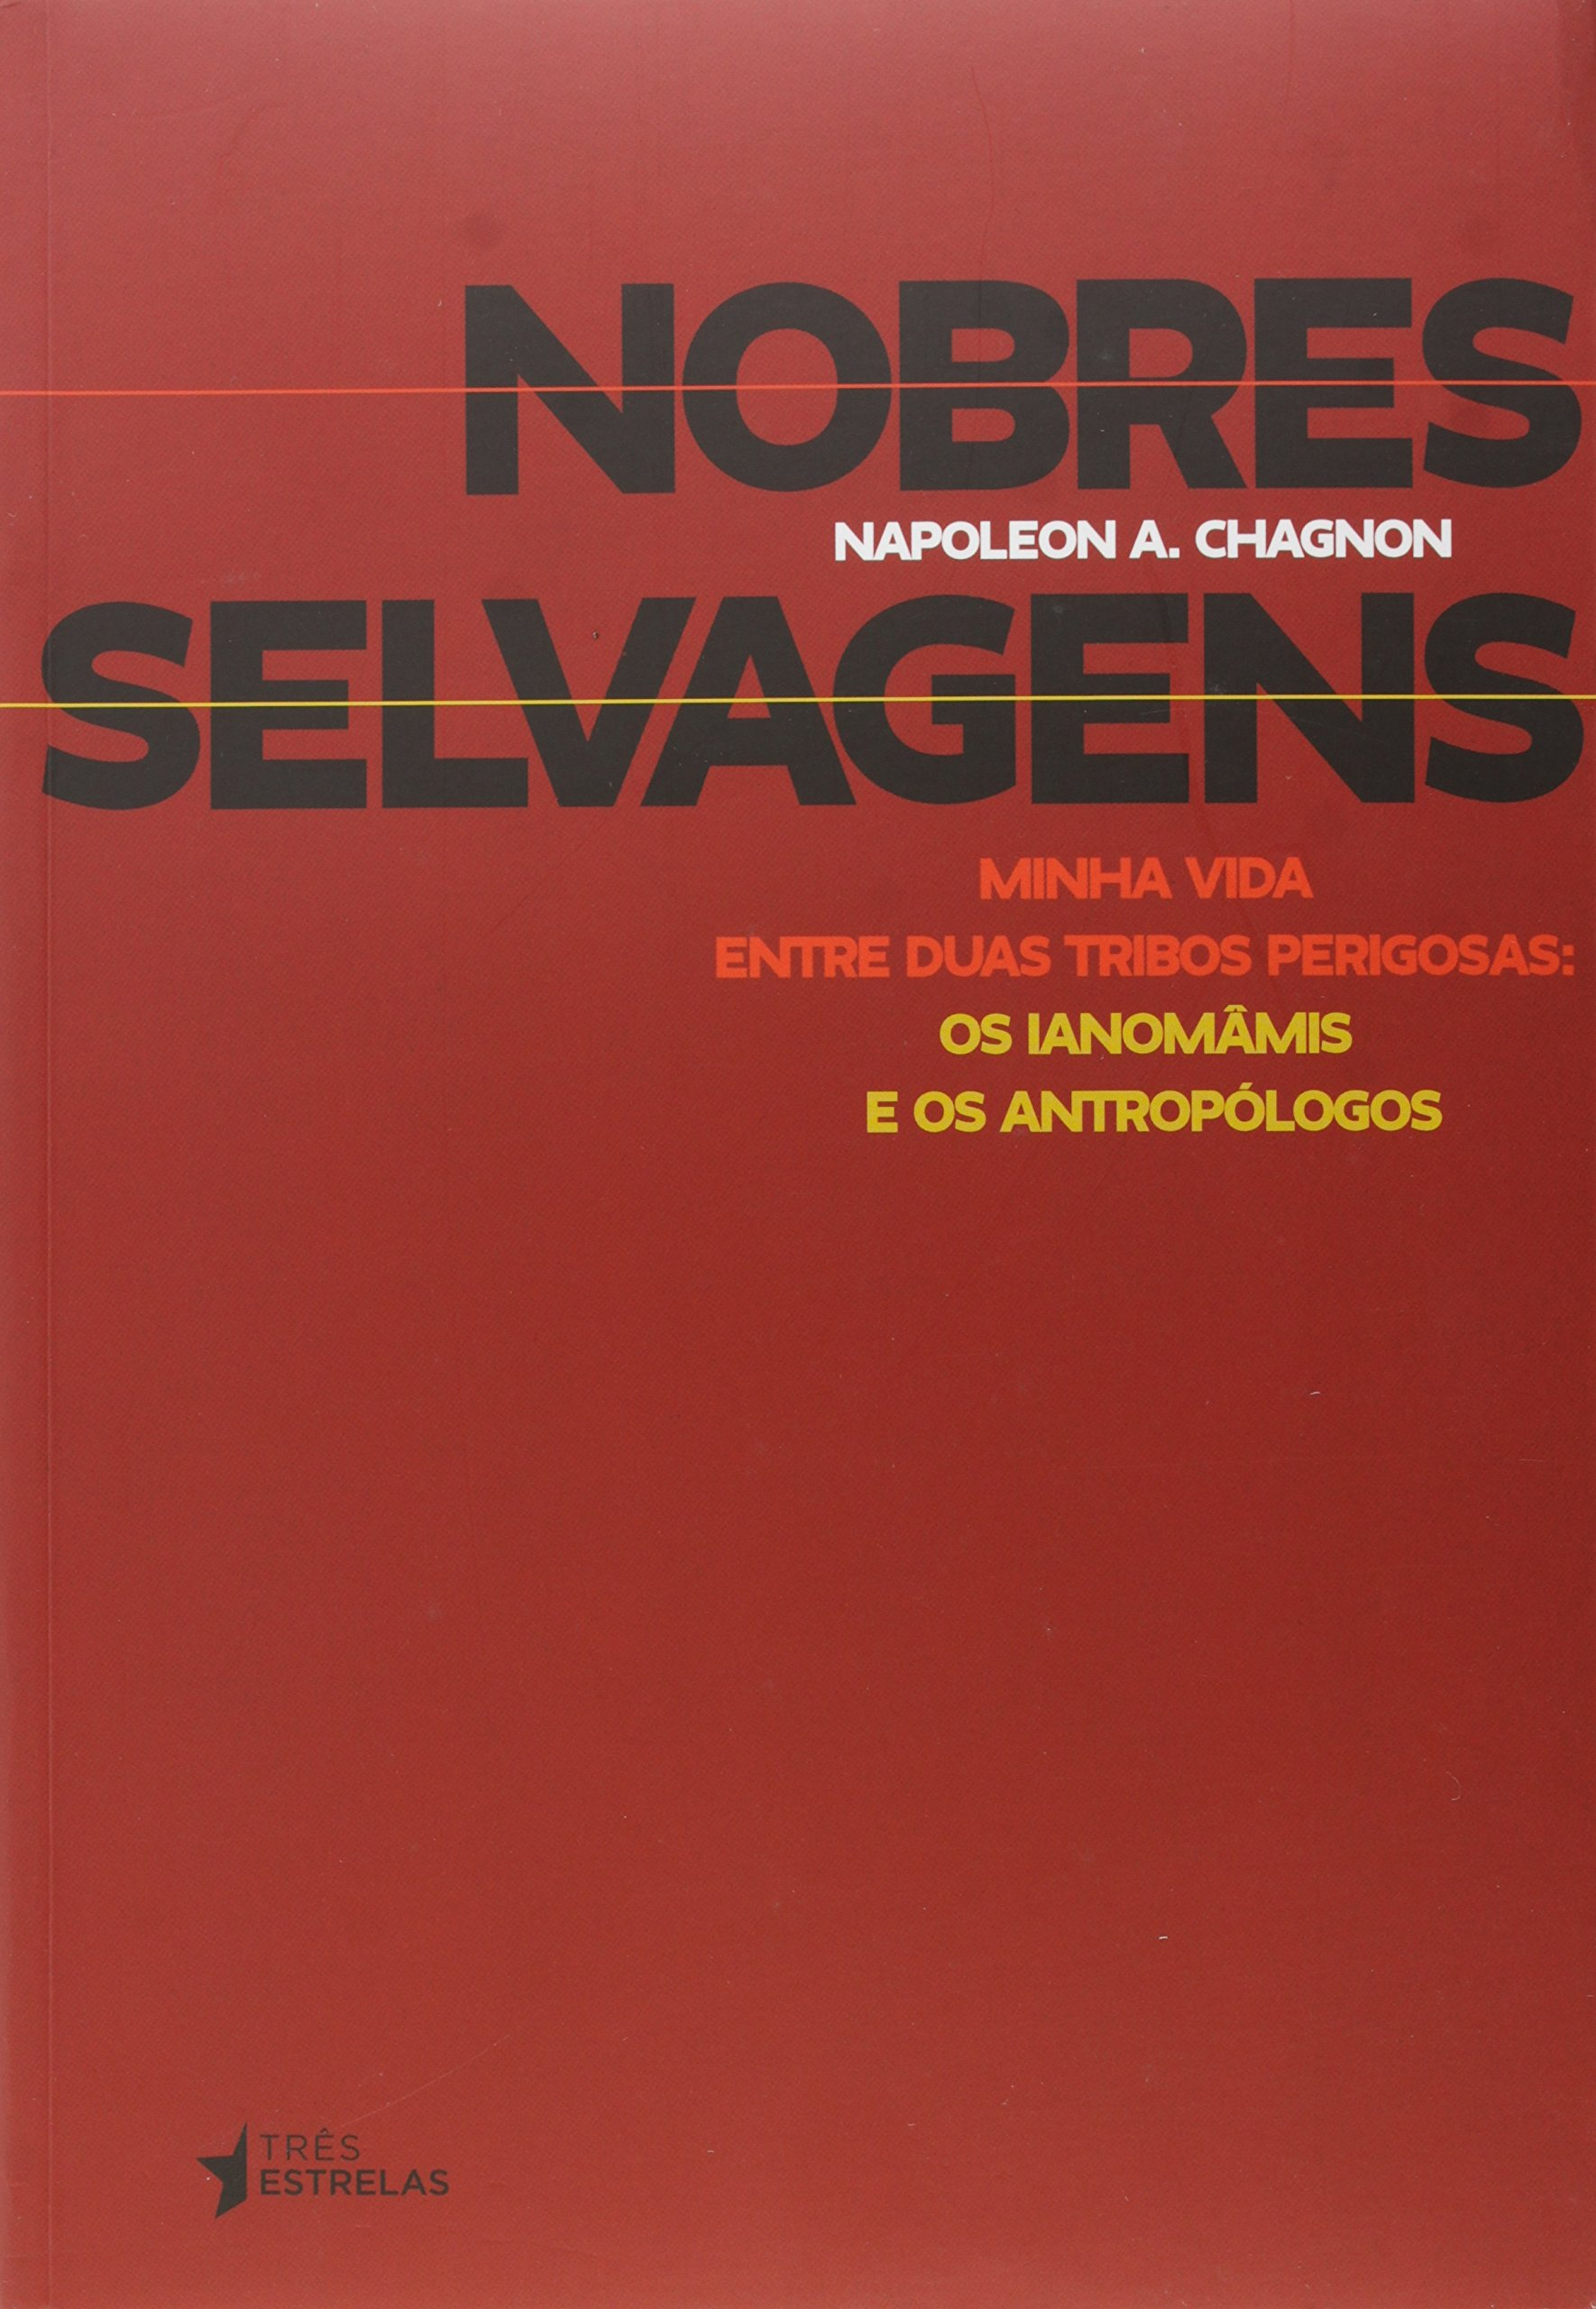 Capa do livro Nobres Selvagens, Napoleon A. Chagnon